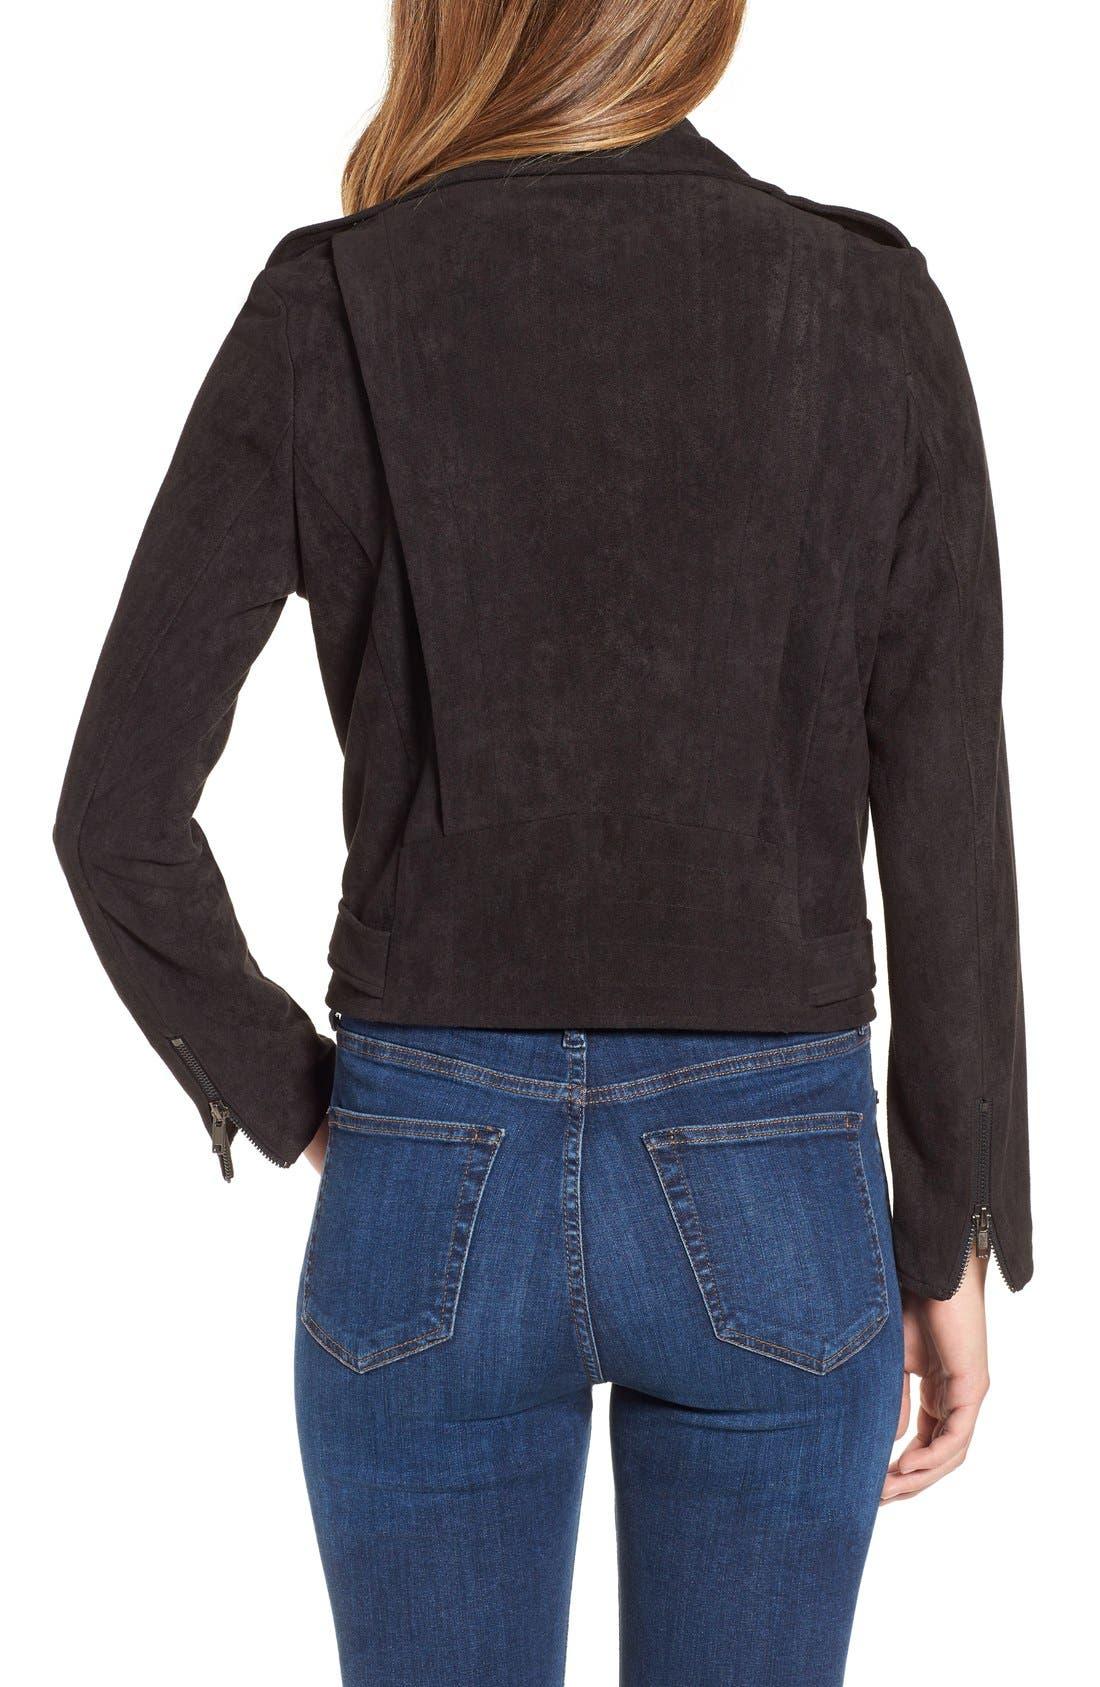 ASTR 'Velma' Faux Suede Moto Jacket,                             Alternate thumbnail 2, color,                             004